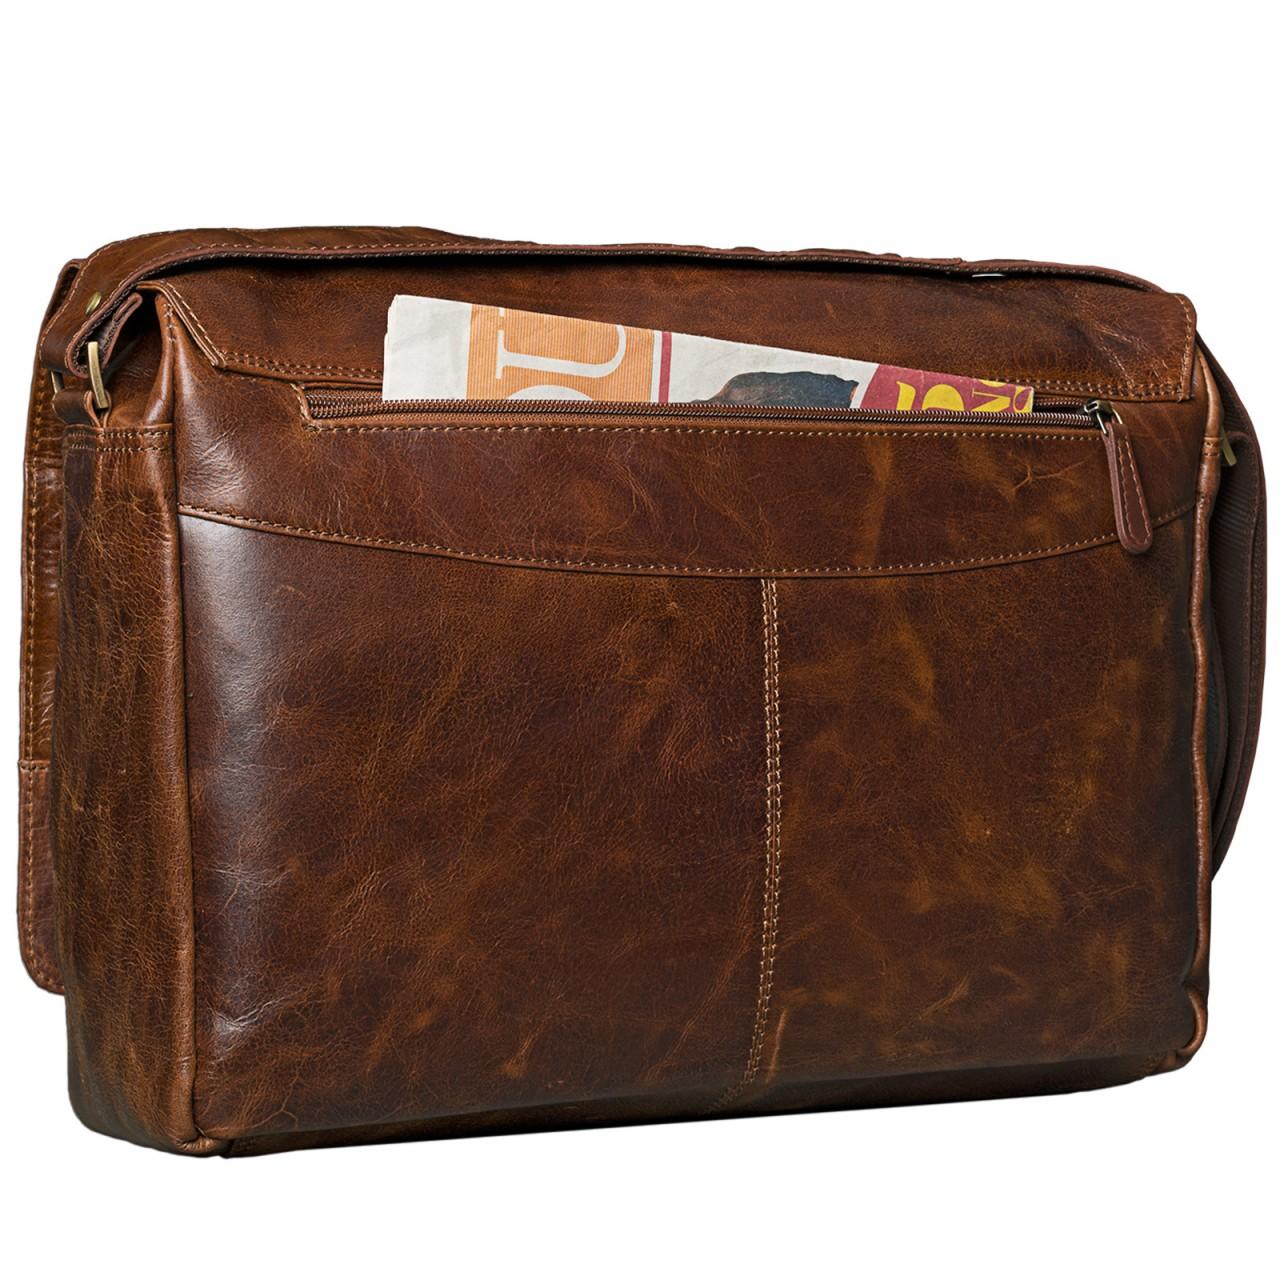 B-WARE STILORD 15,6 Zoll Laptoptasche Leder Umhängetasche Unitasche Aktentasche Freizeit Bürotasche Vintage Antik-Leder braun - Bild 6